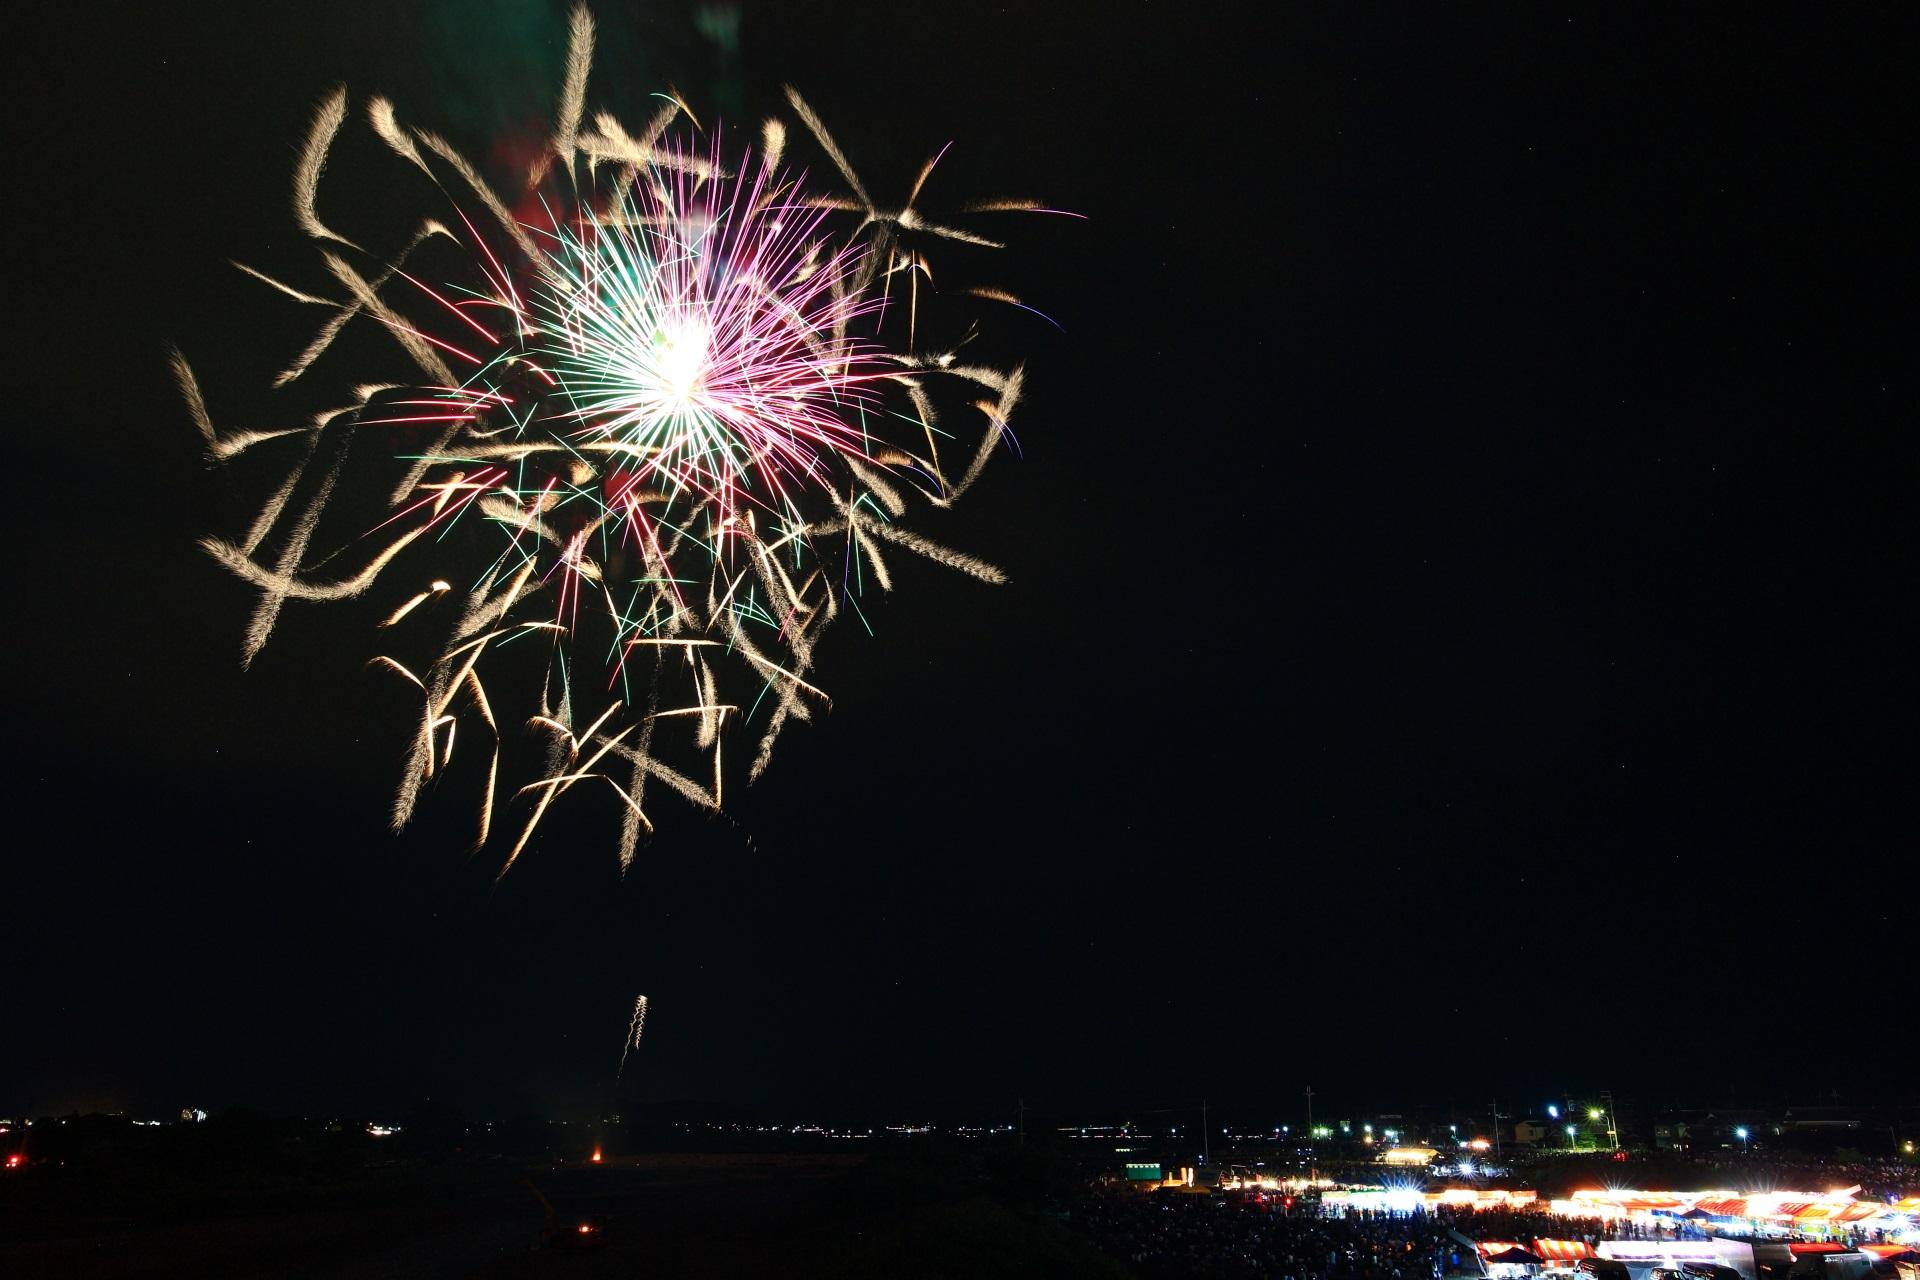 趣向を凝らした花火がたくさん打ち上げられる亀岡花火大会